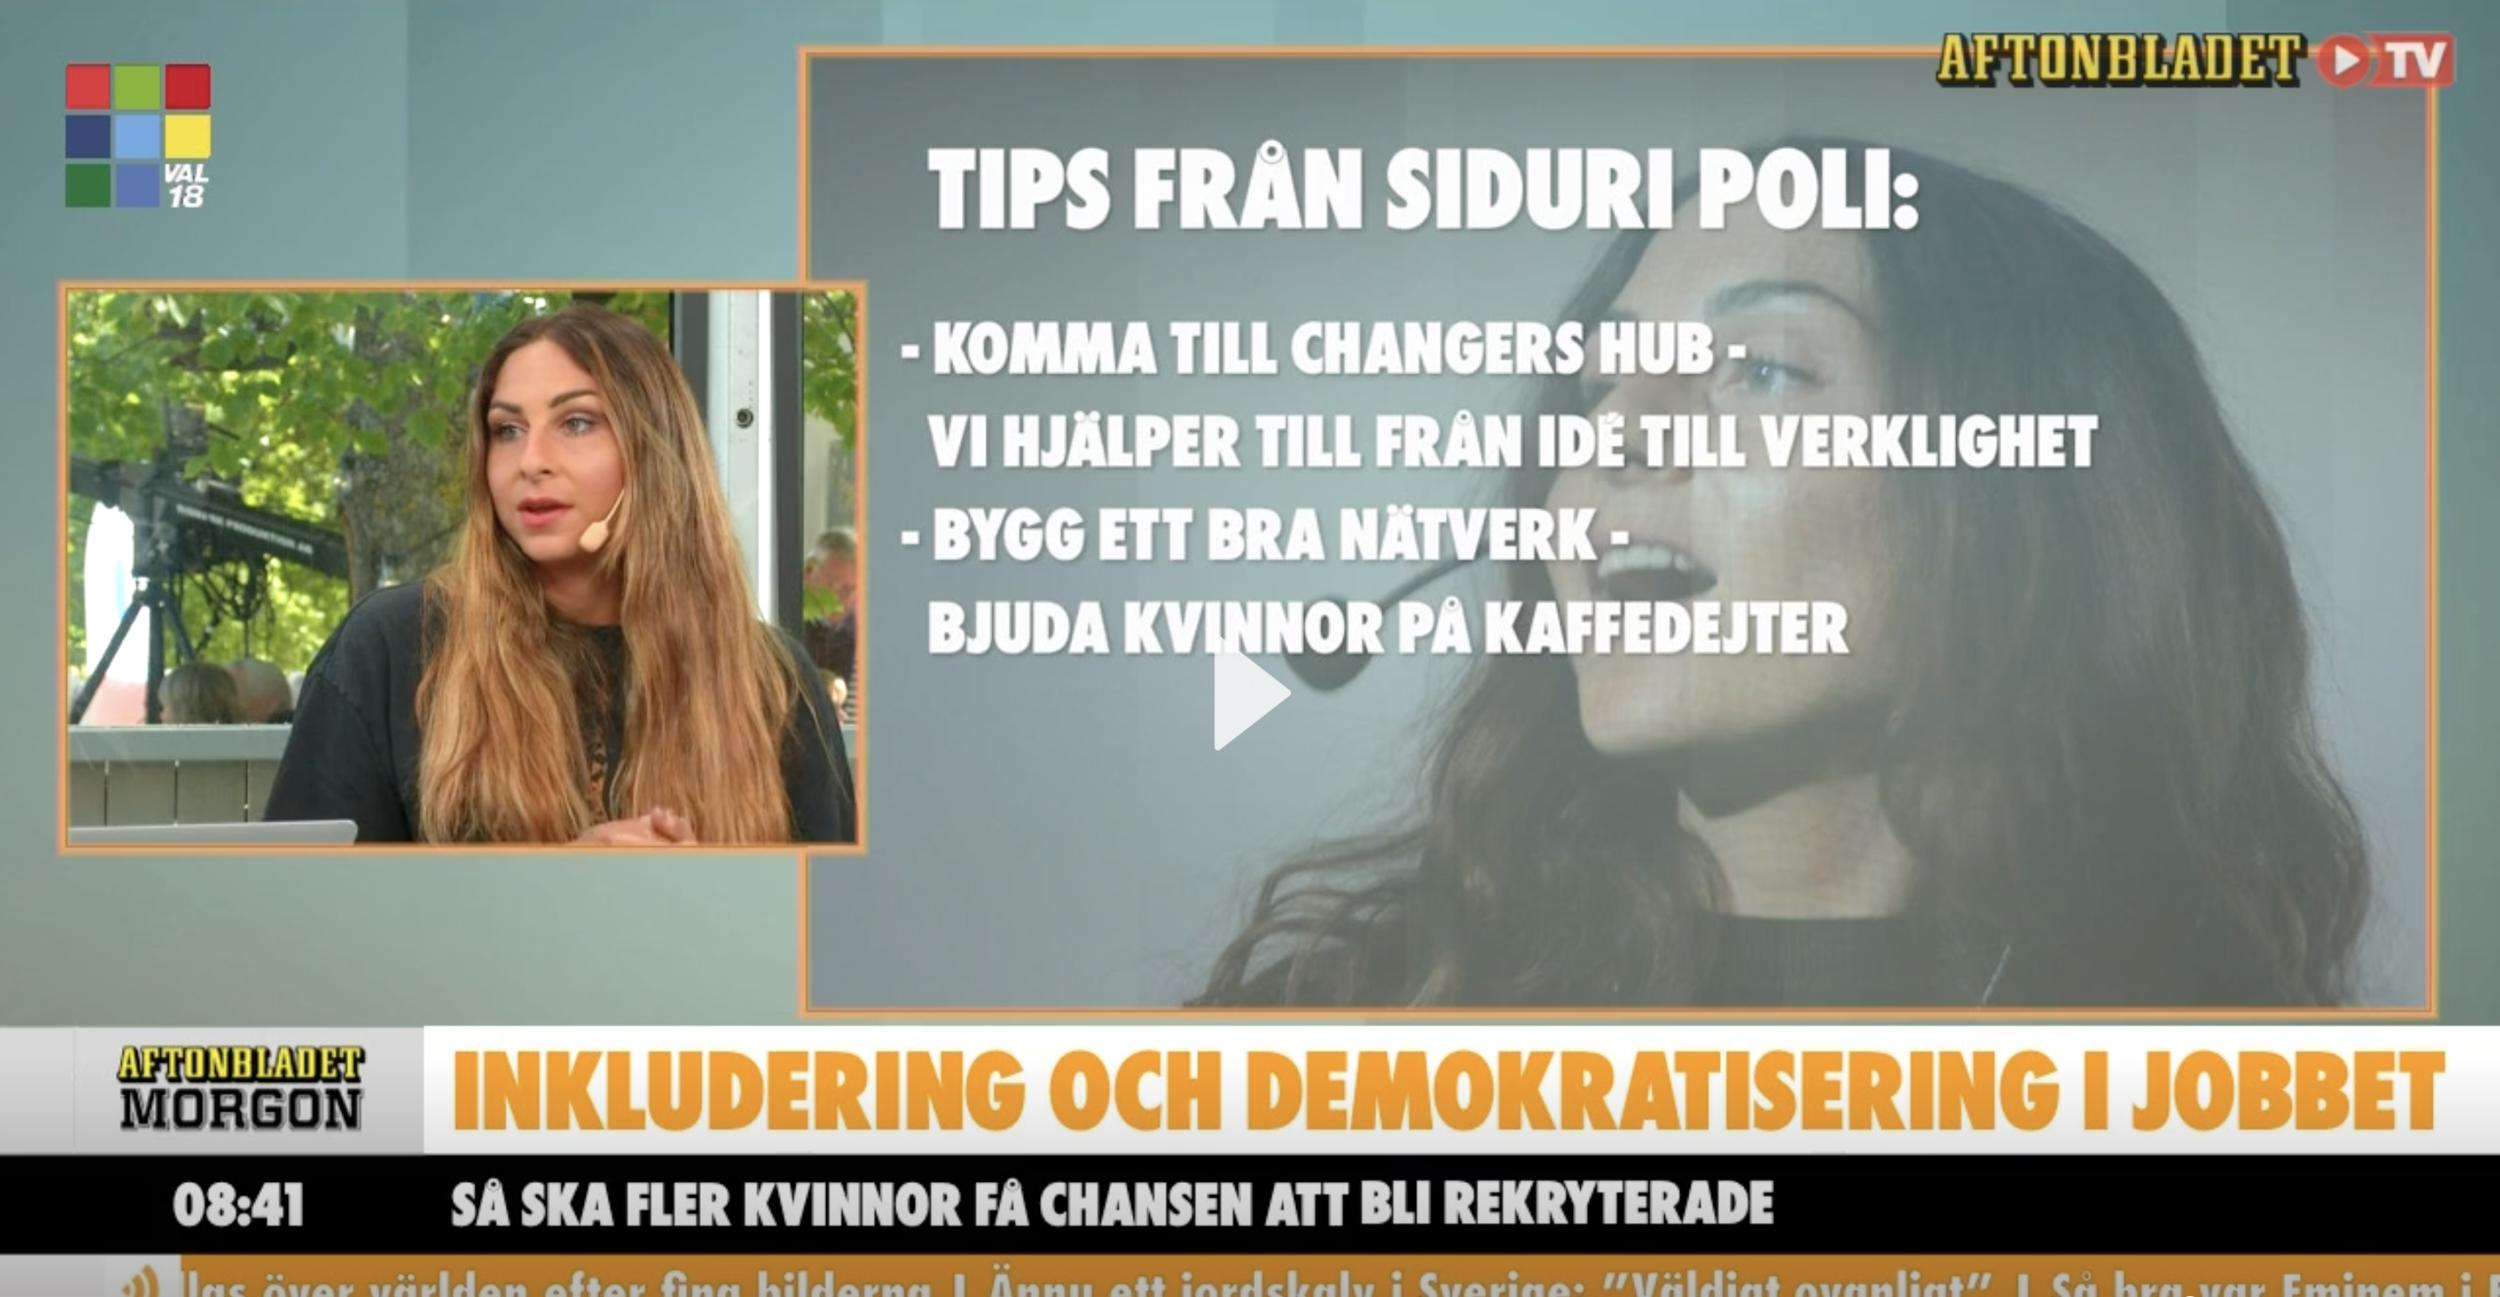 Aftonbladet TV: Generellt bedöms kvinnor hårdare